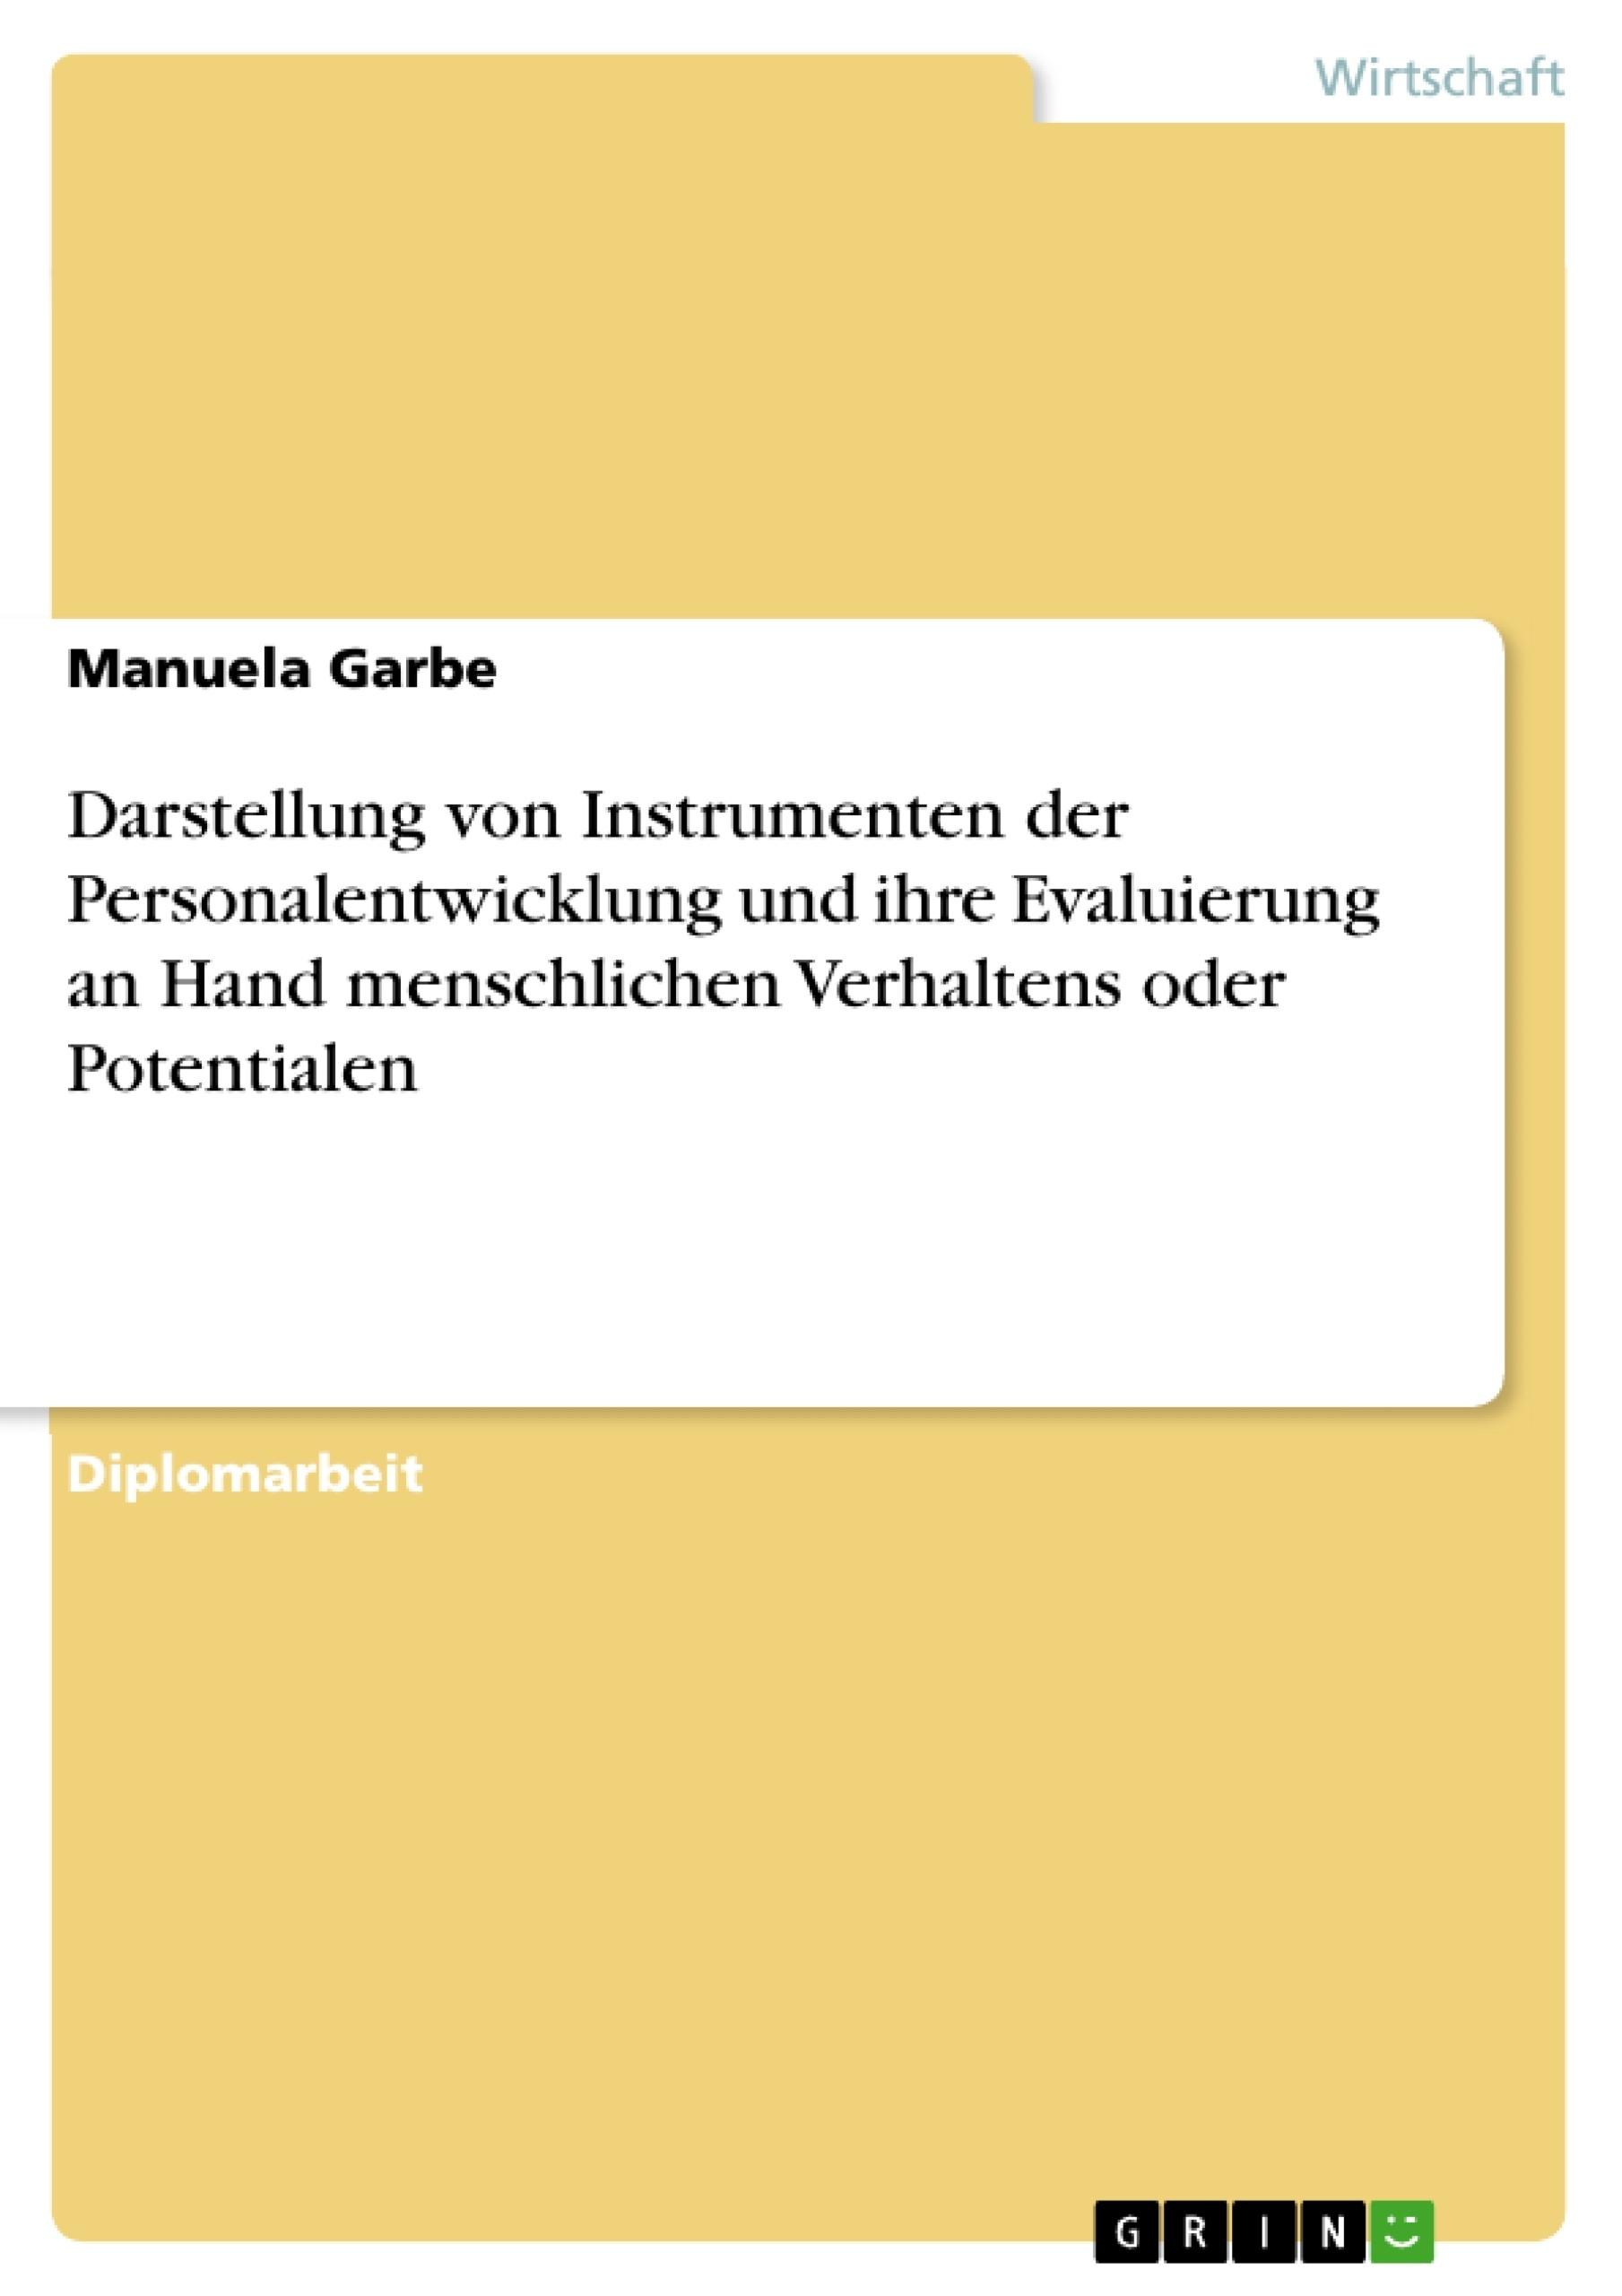 Titel: Darstellung von Instrumenten der Personalentwicklung und ihre Evaluierung an Hand menschlichen Verhaltens oder Potentialen